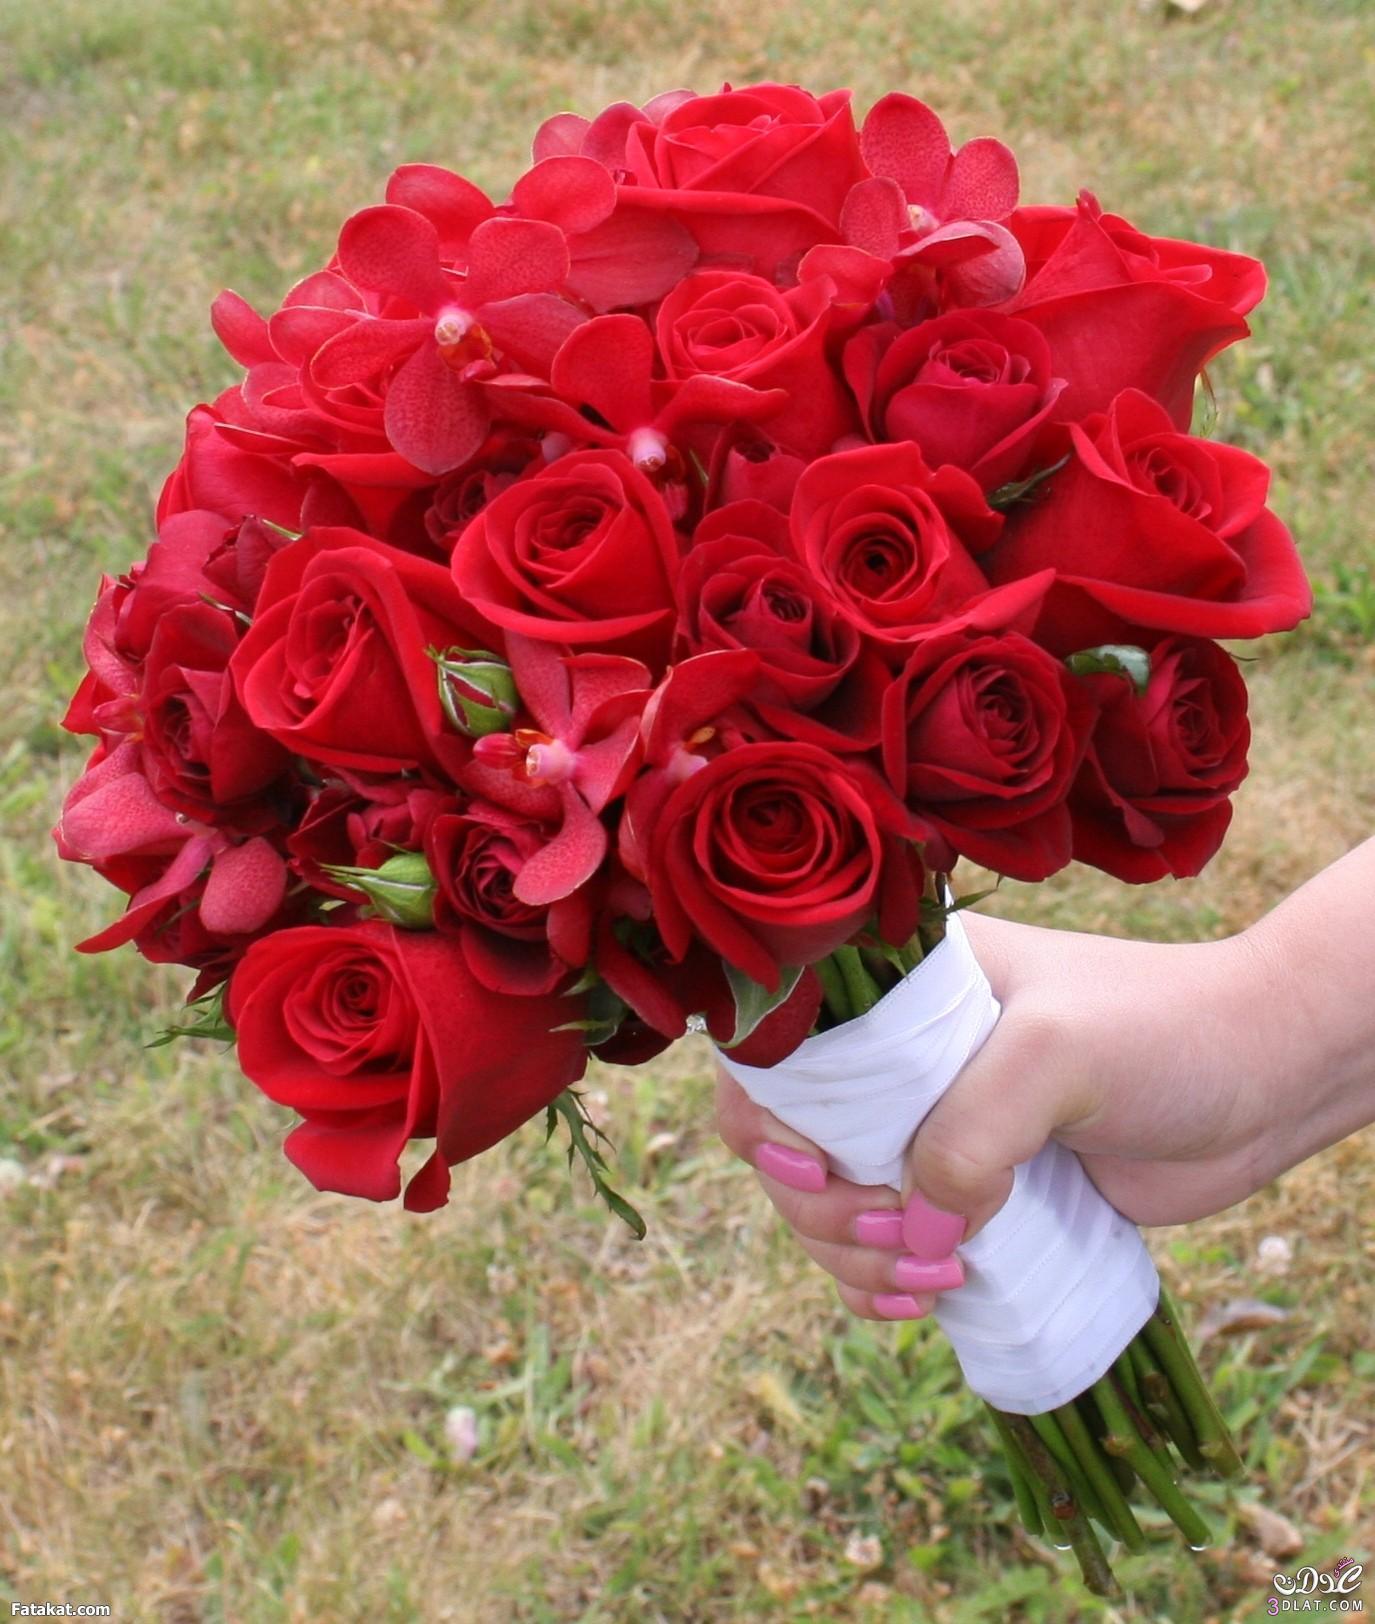 بالصور صور اجمل الورود , صور ائعة لاجمل الورود 5680 3